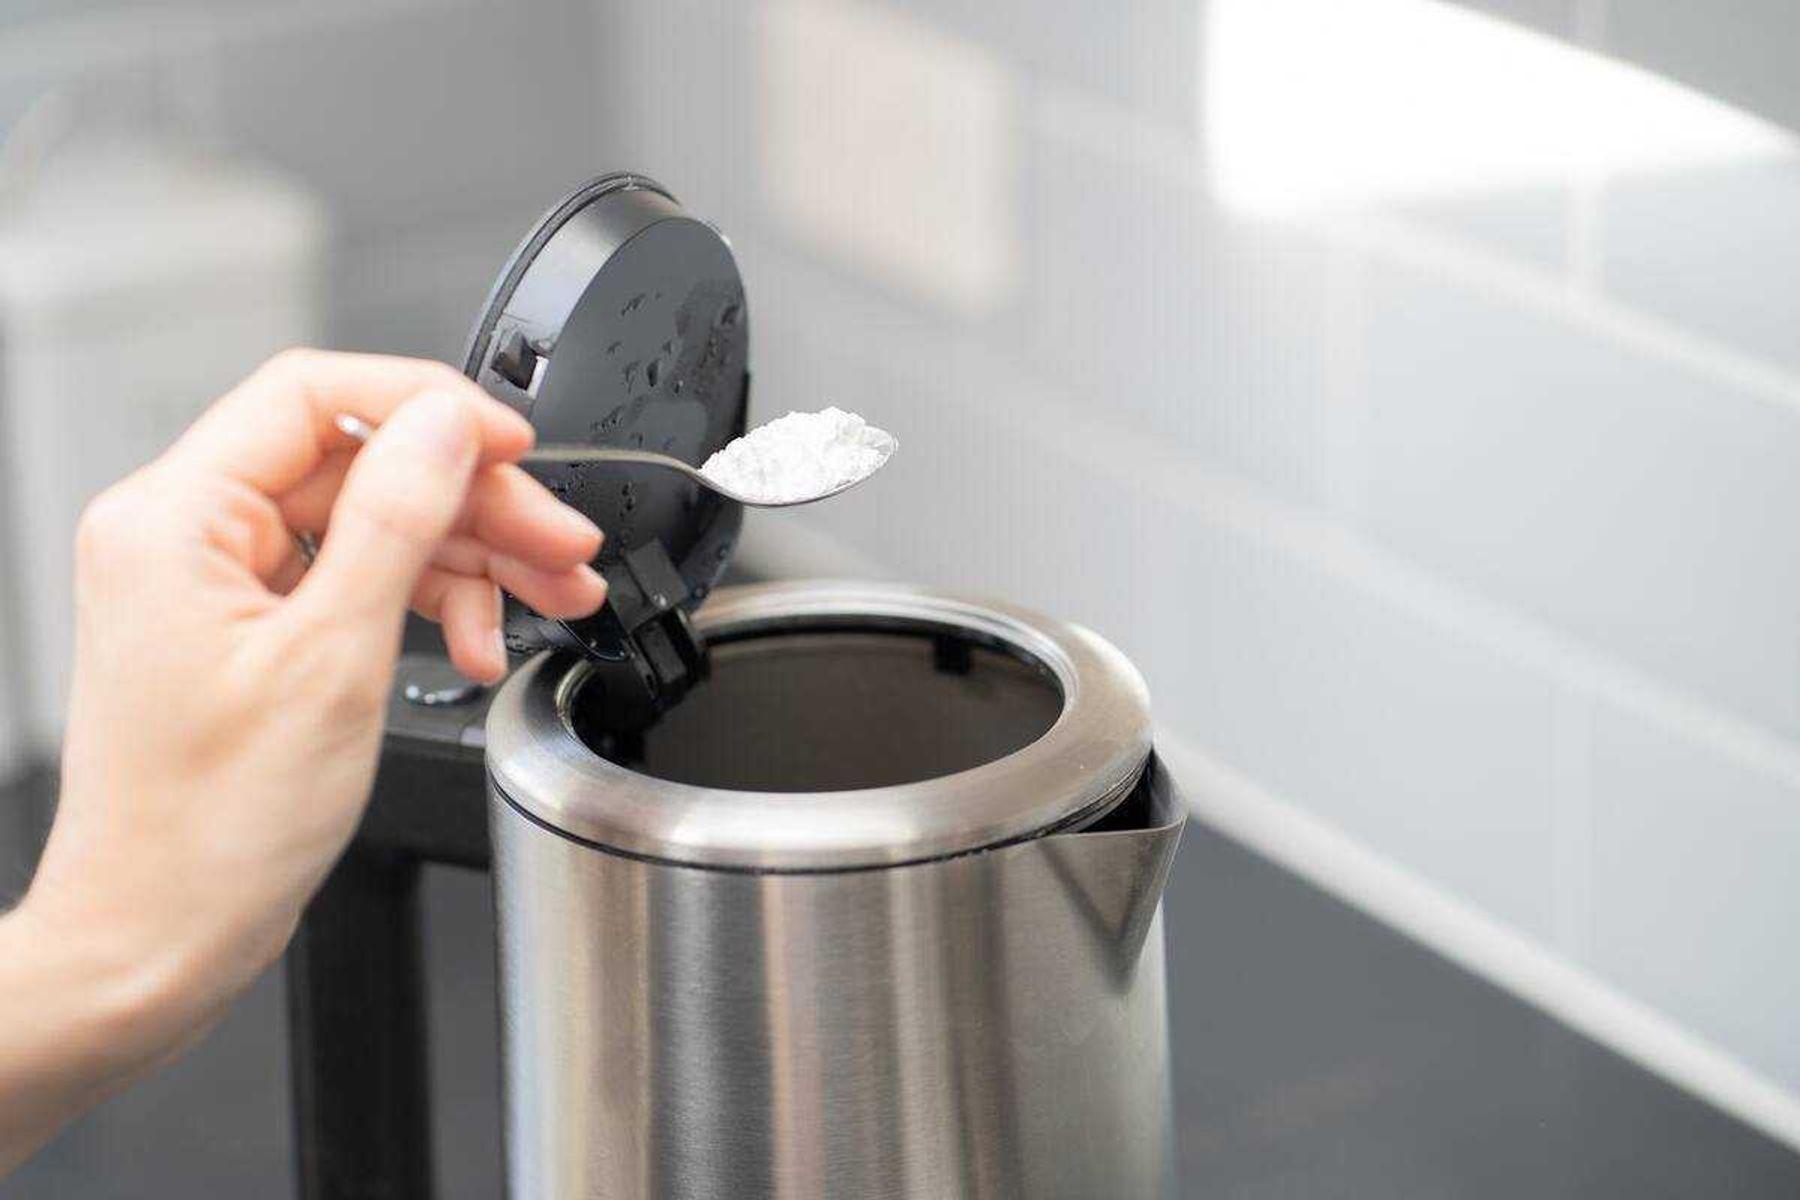 Loại bỏ cặn bẩn trong ấm đun siêu tốc hoặc ấm nước sôi